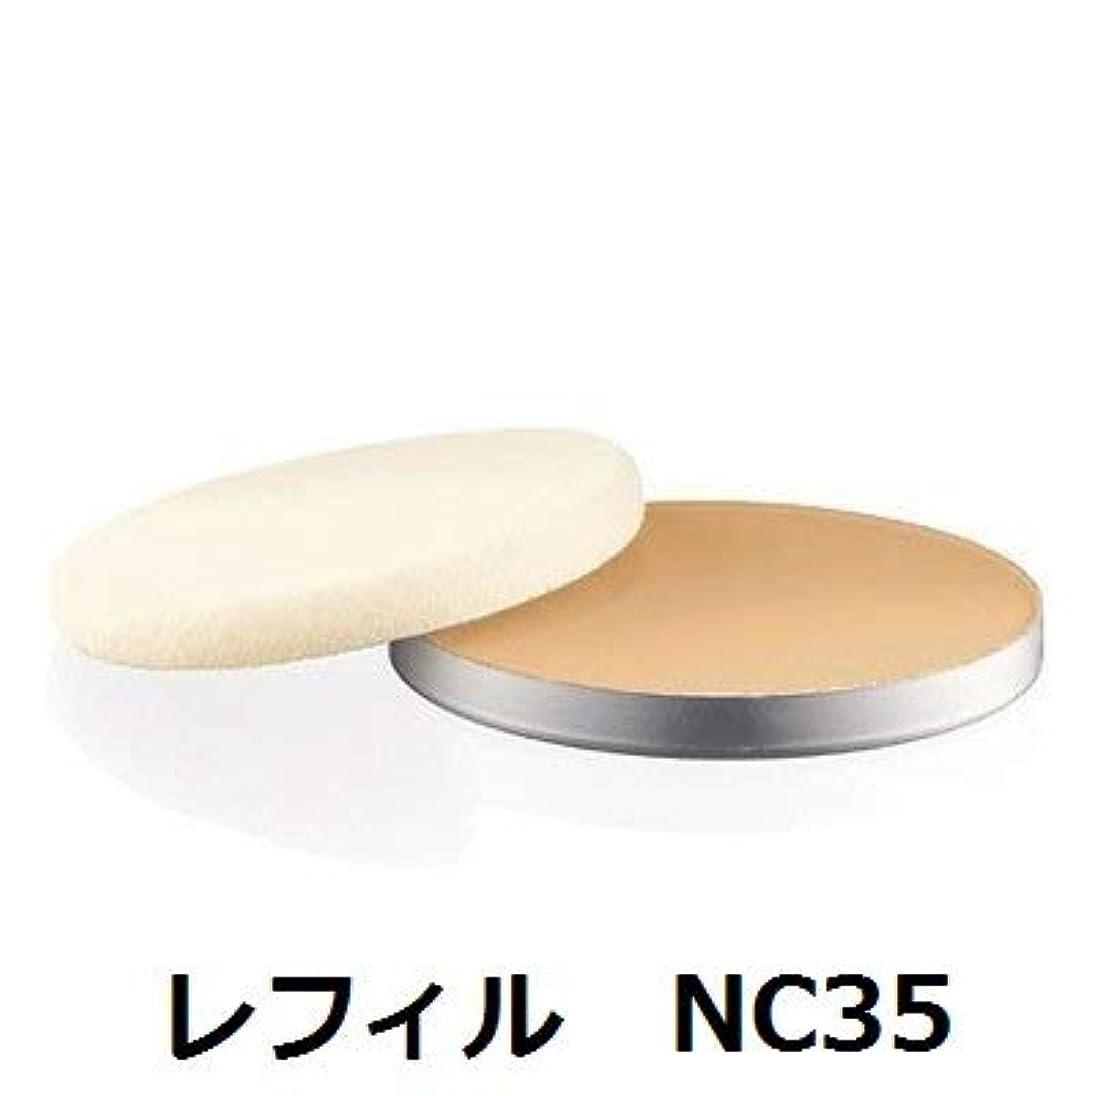 変色するアクセサリー魅惑するマック(MAC) ライトフルC+SPF 30ファンデーション レフィル #NC35 14g [並行輸入品]